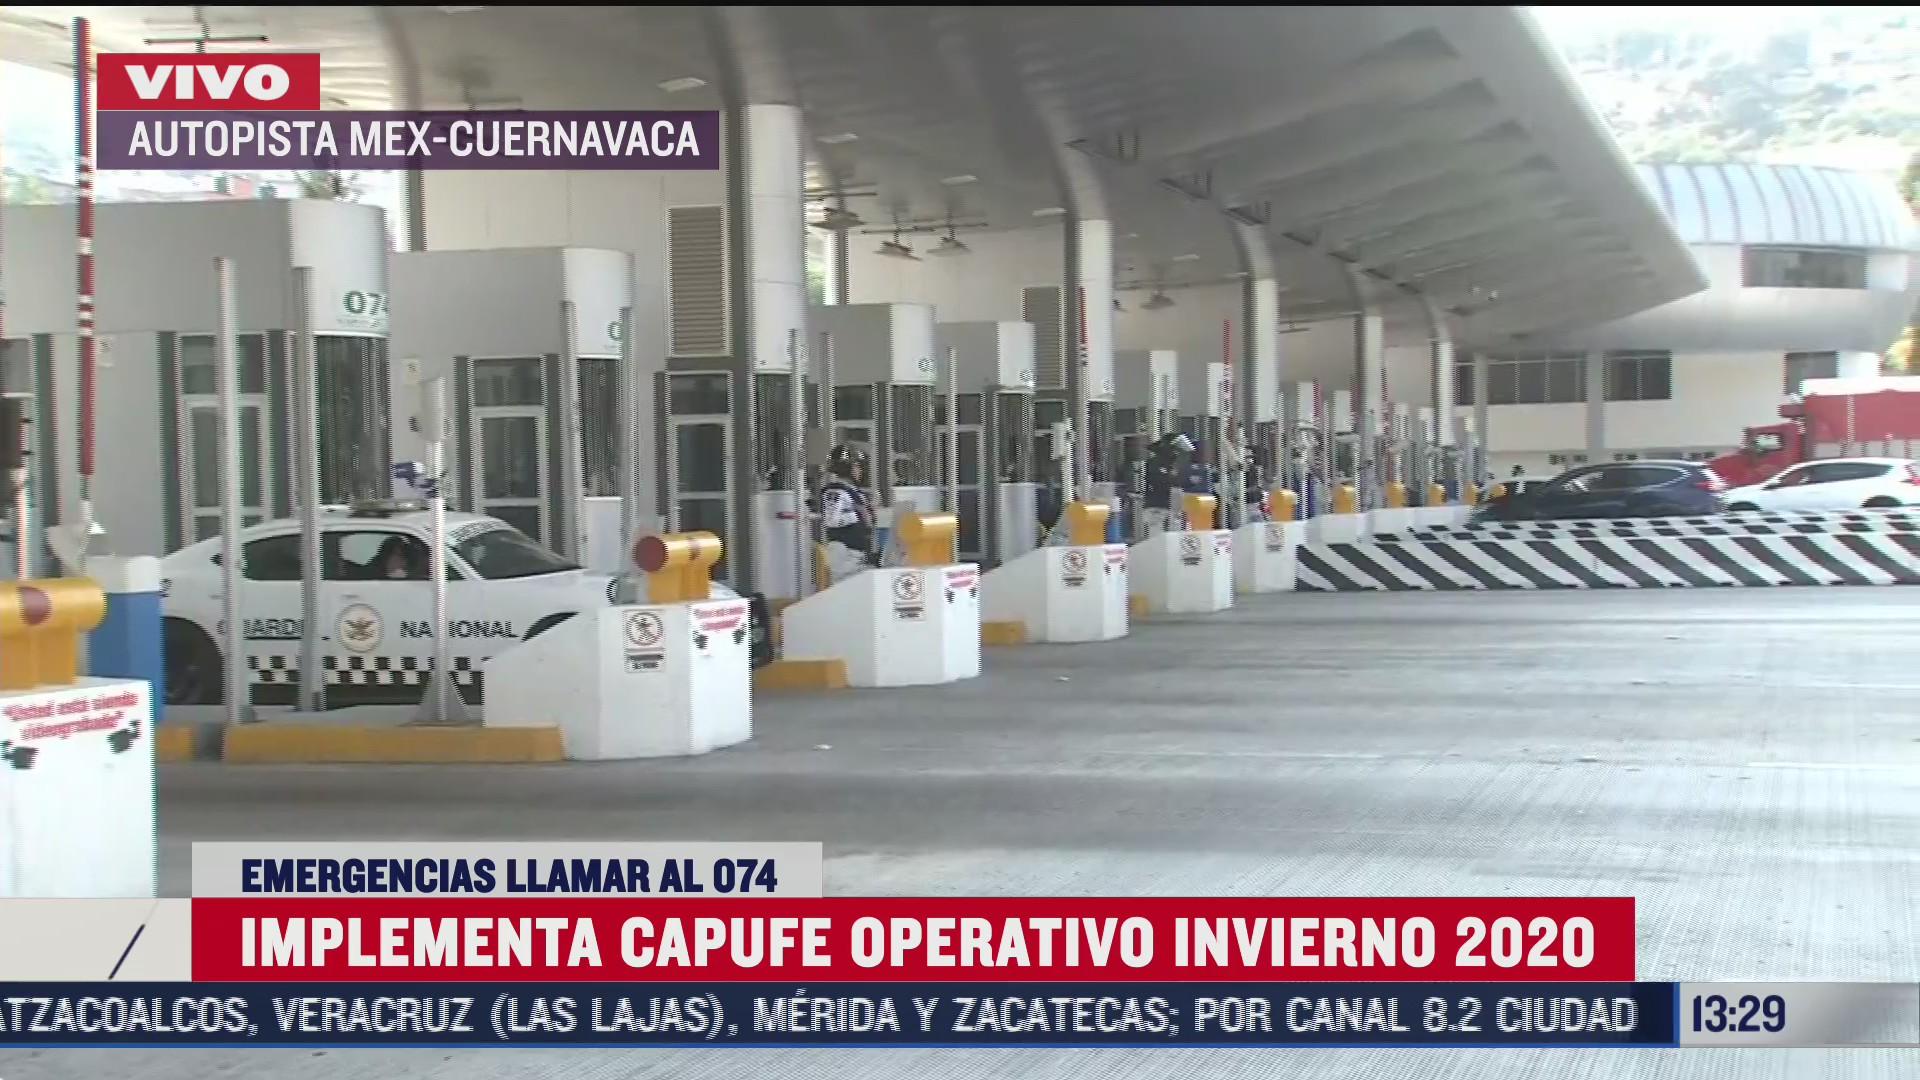 implementan operativo invierno 2020 en carreteras de capufe